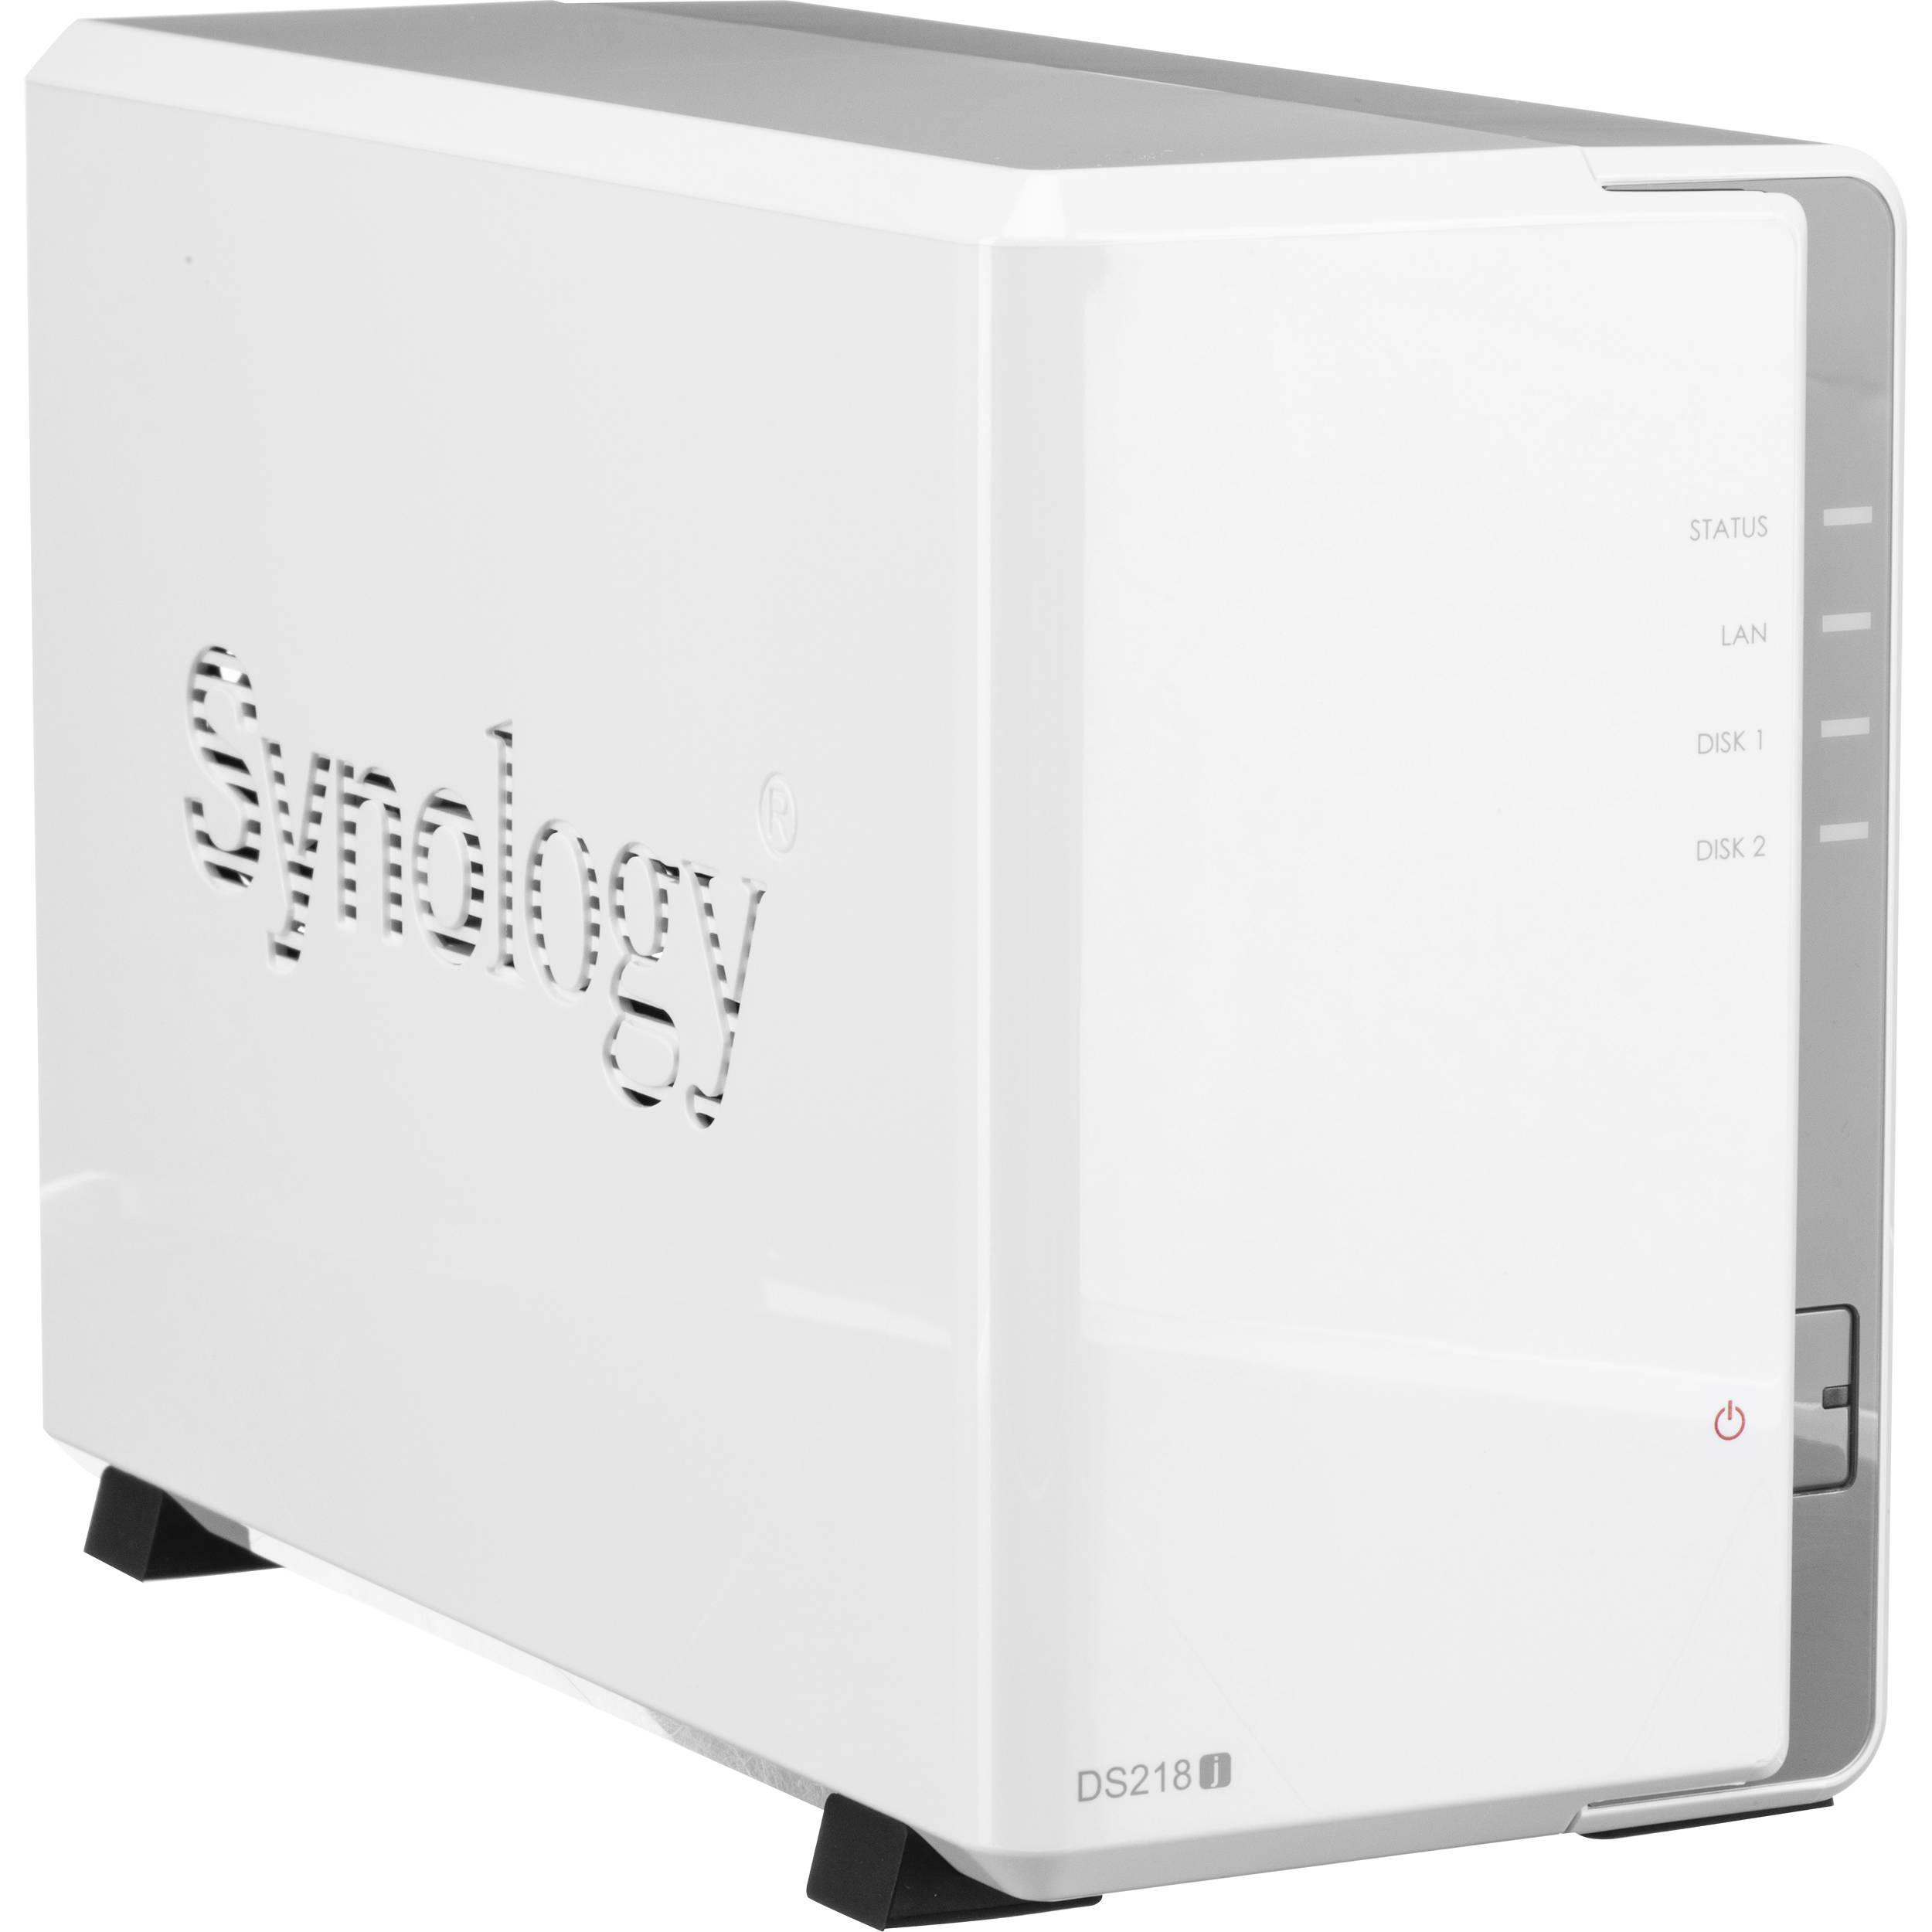 Synology DiskStation DS218j 2-Bay NAS Enclosure